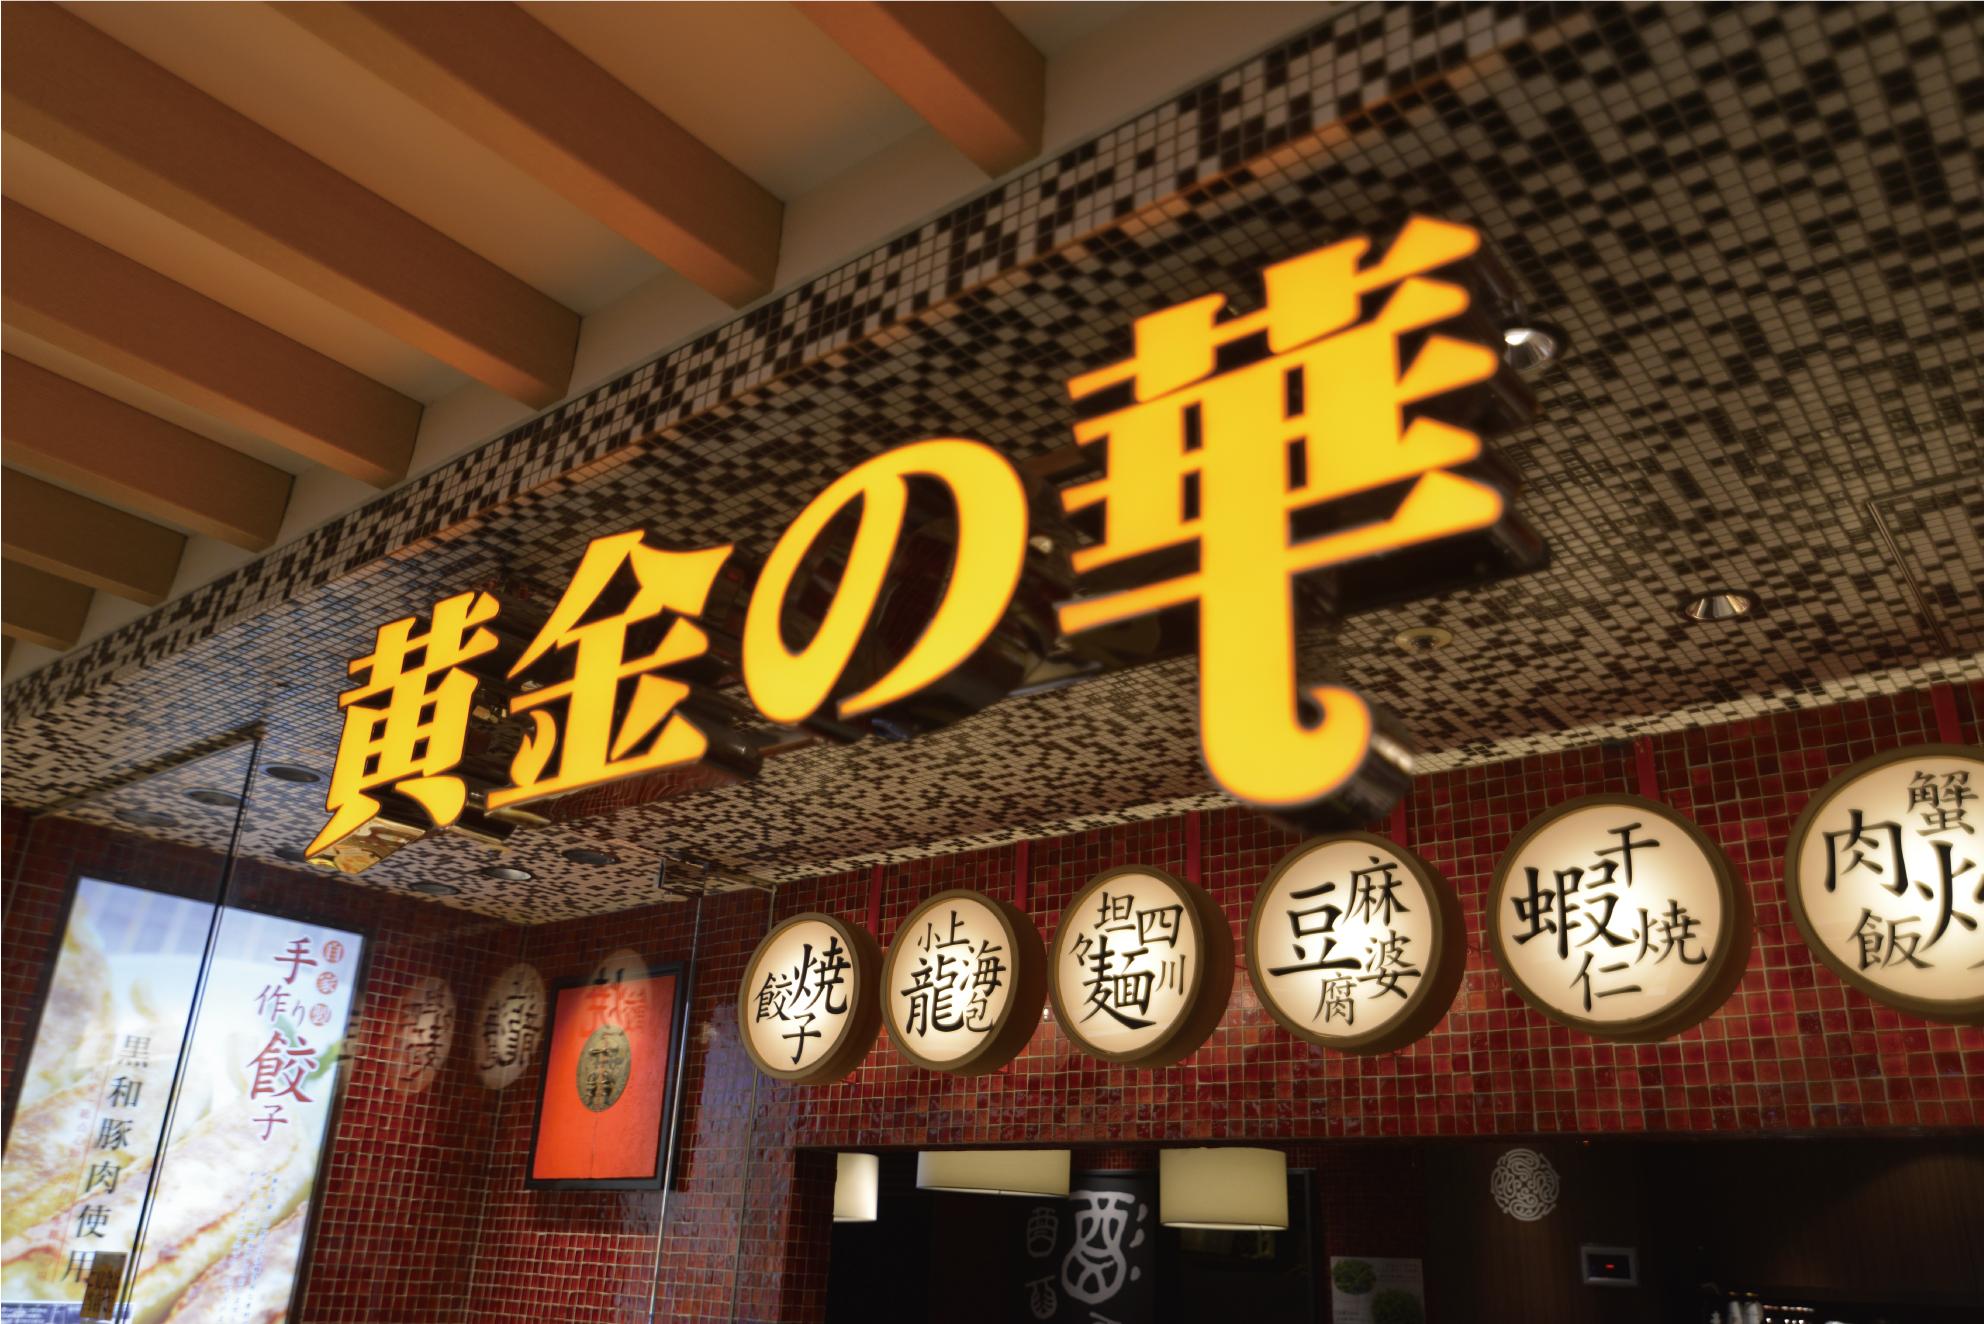 Hupchong チョウ 表面発光ステンレスチャンネル文字